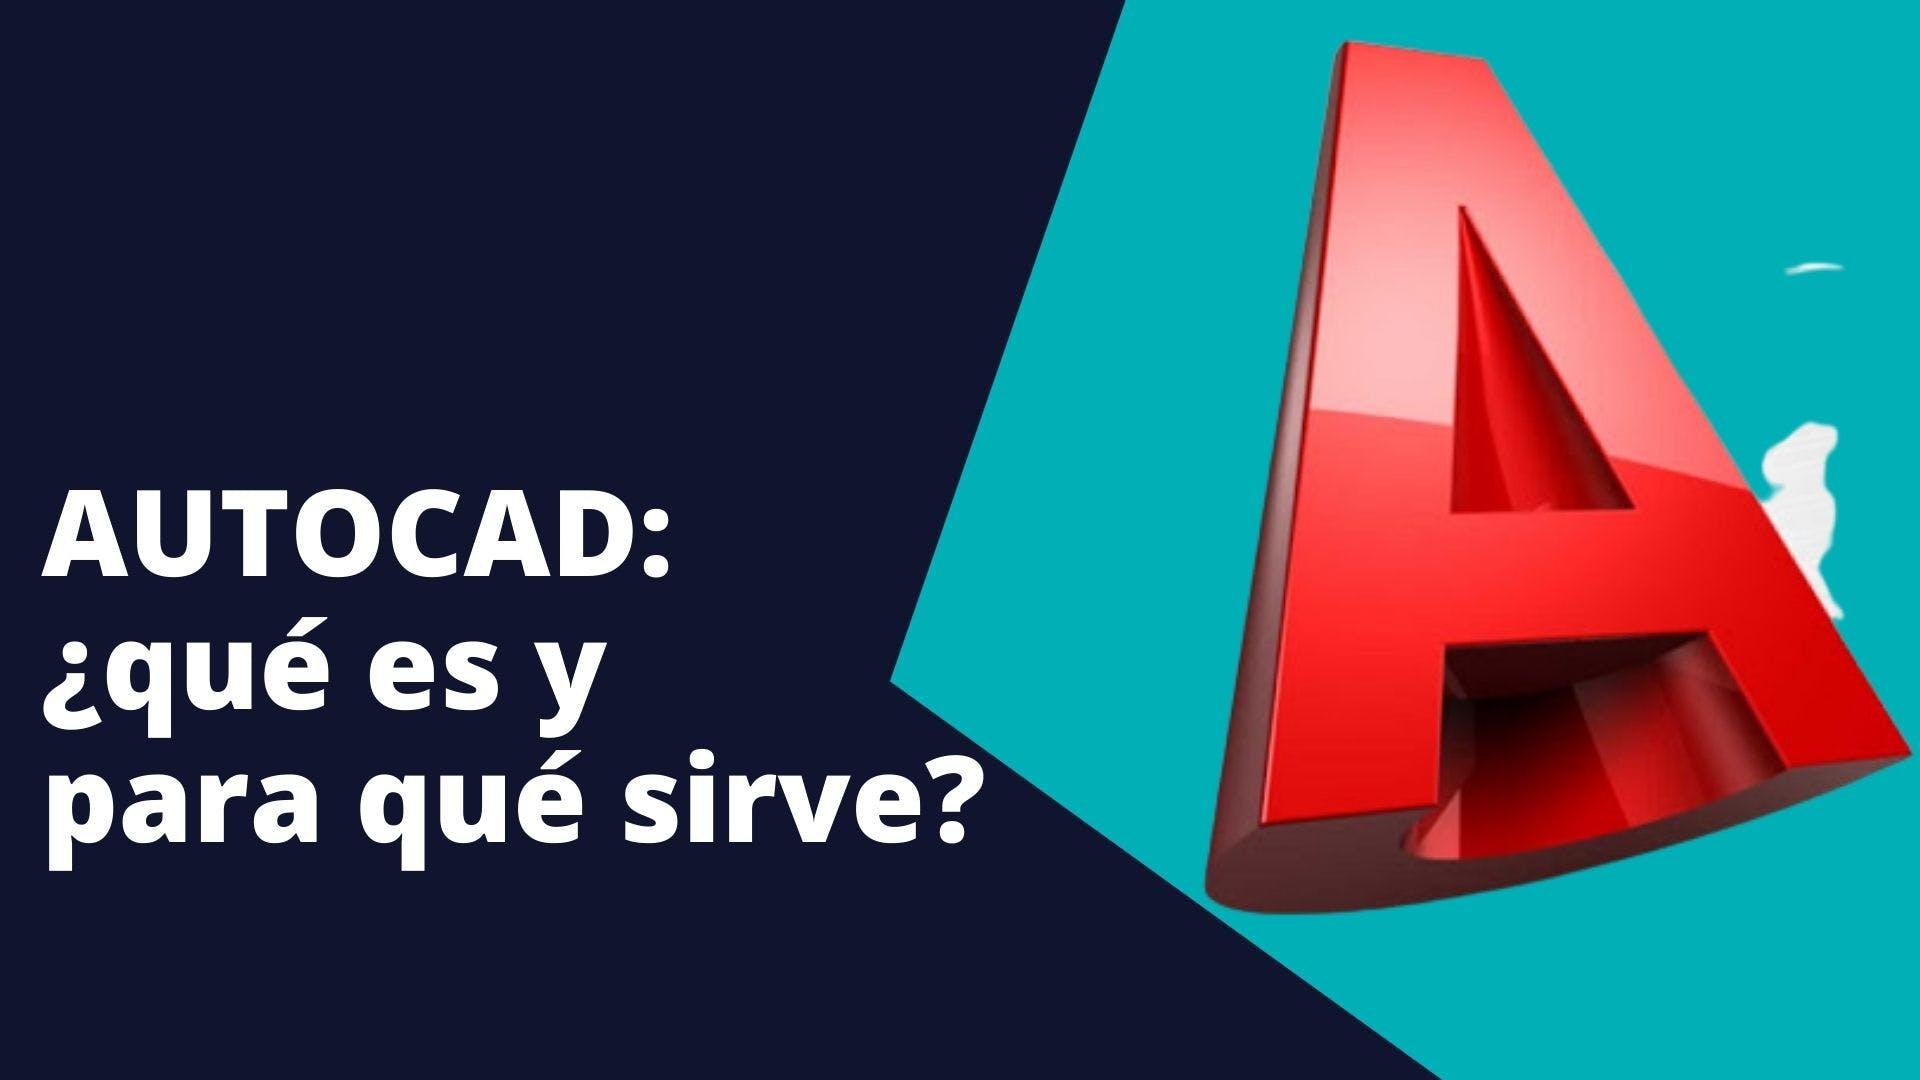 AutoCAD: qué es, para qué sirve, y cómo aprovechar el AutoCAD para estudiantes